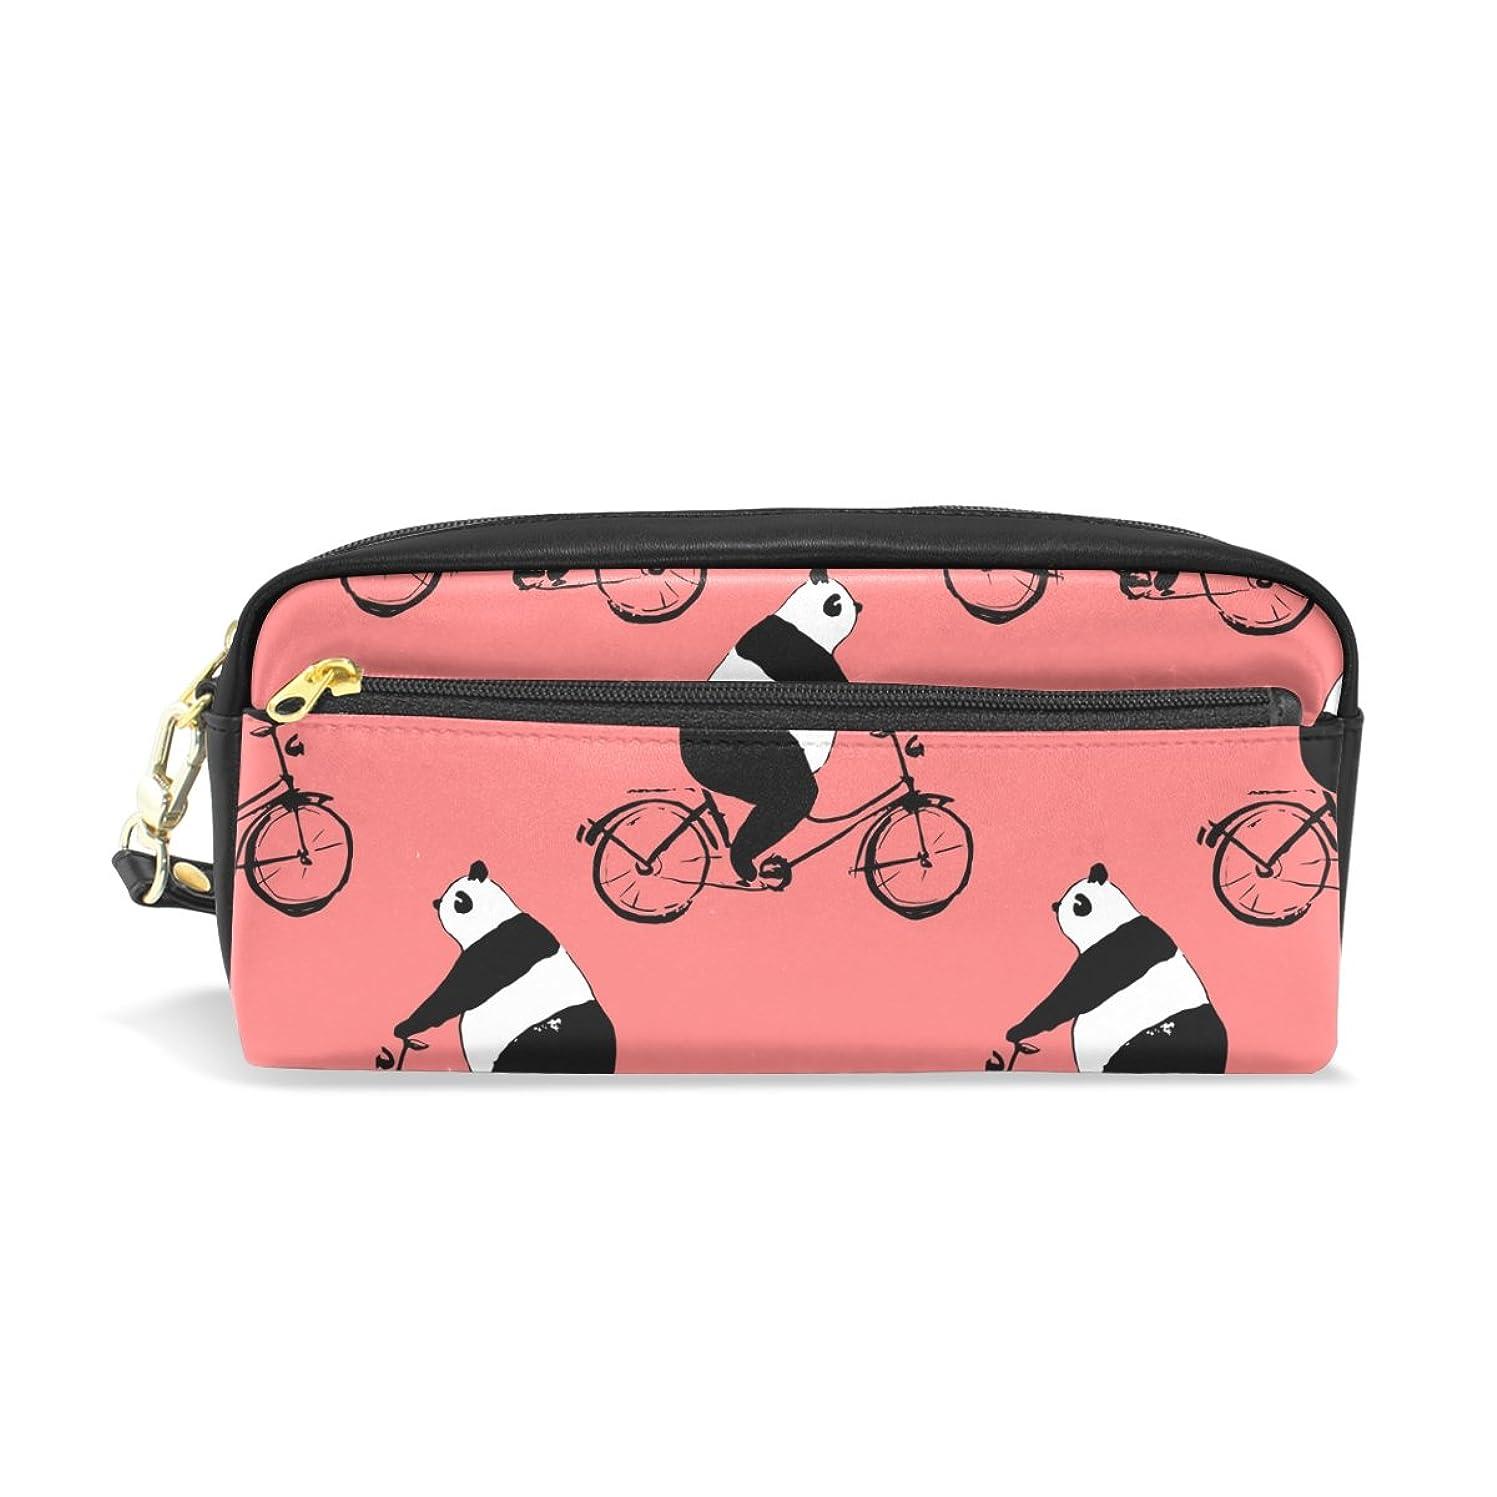 使役視聴者子供っぽいAOMOKI ペンケース 化粧ポーチ 小物入り 多機能バッグ パンダ 自転車